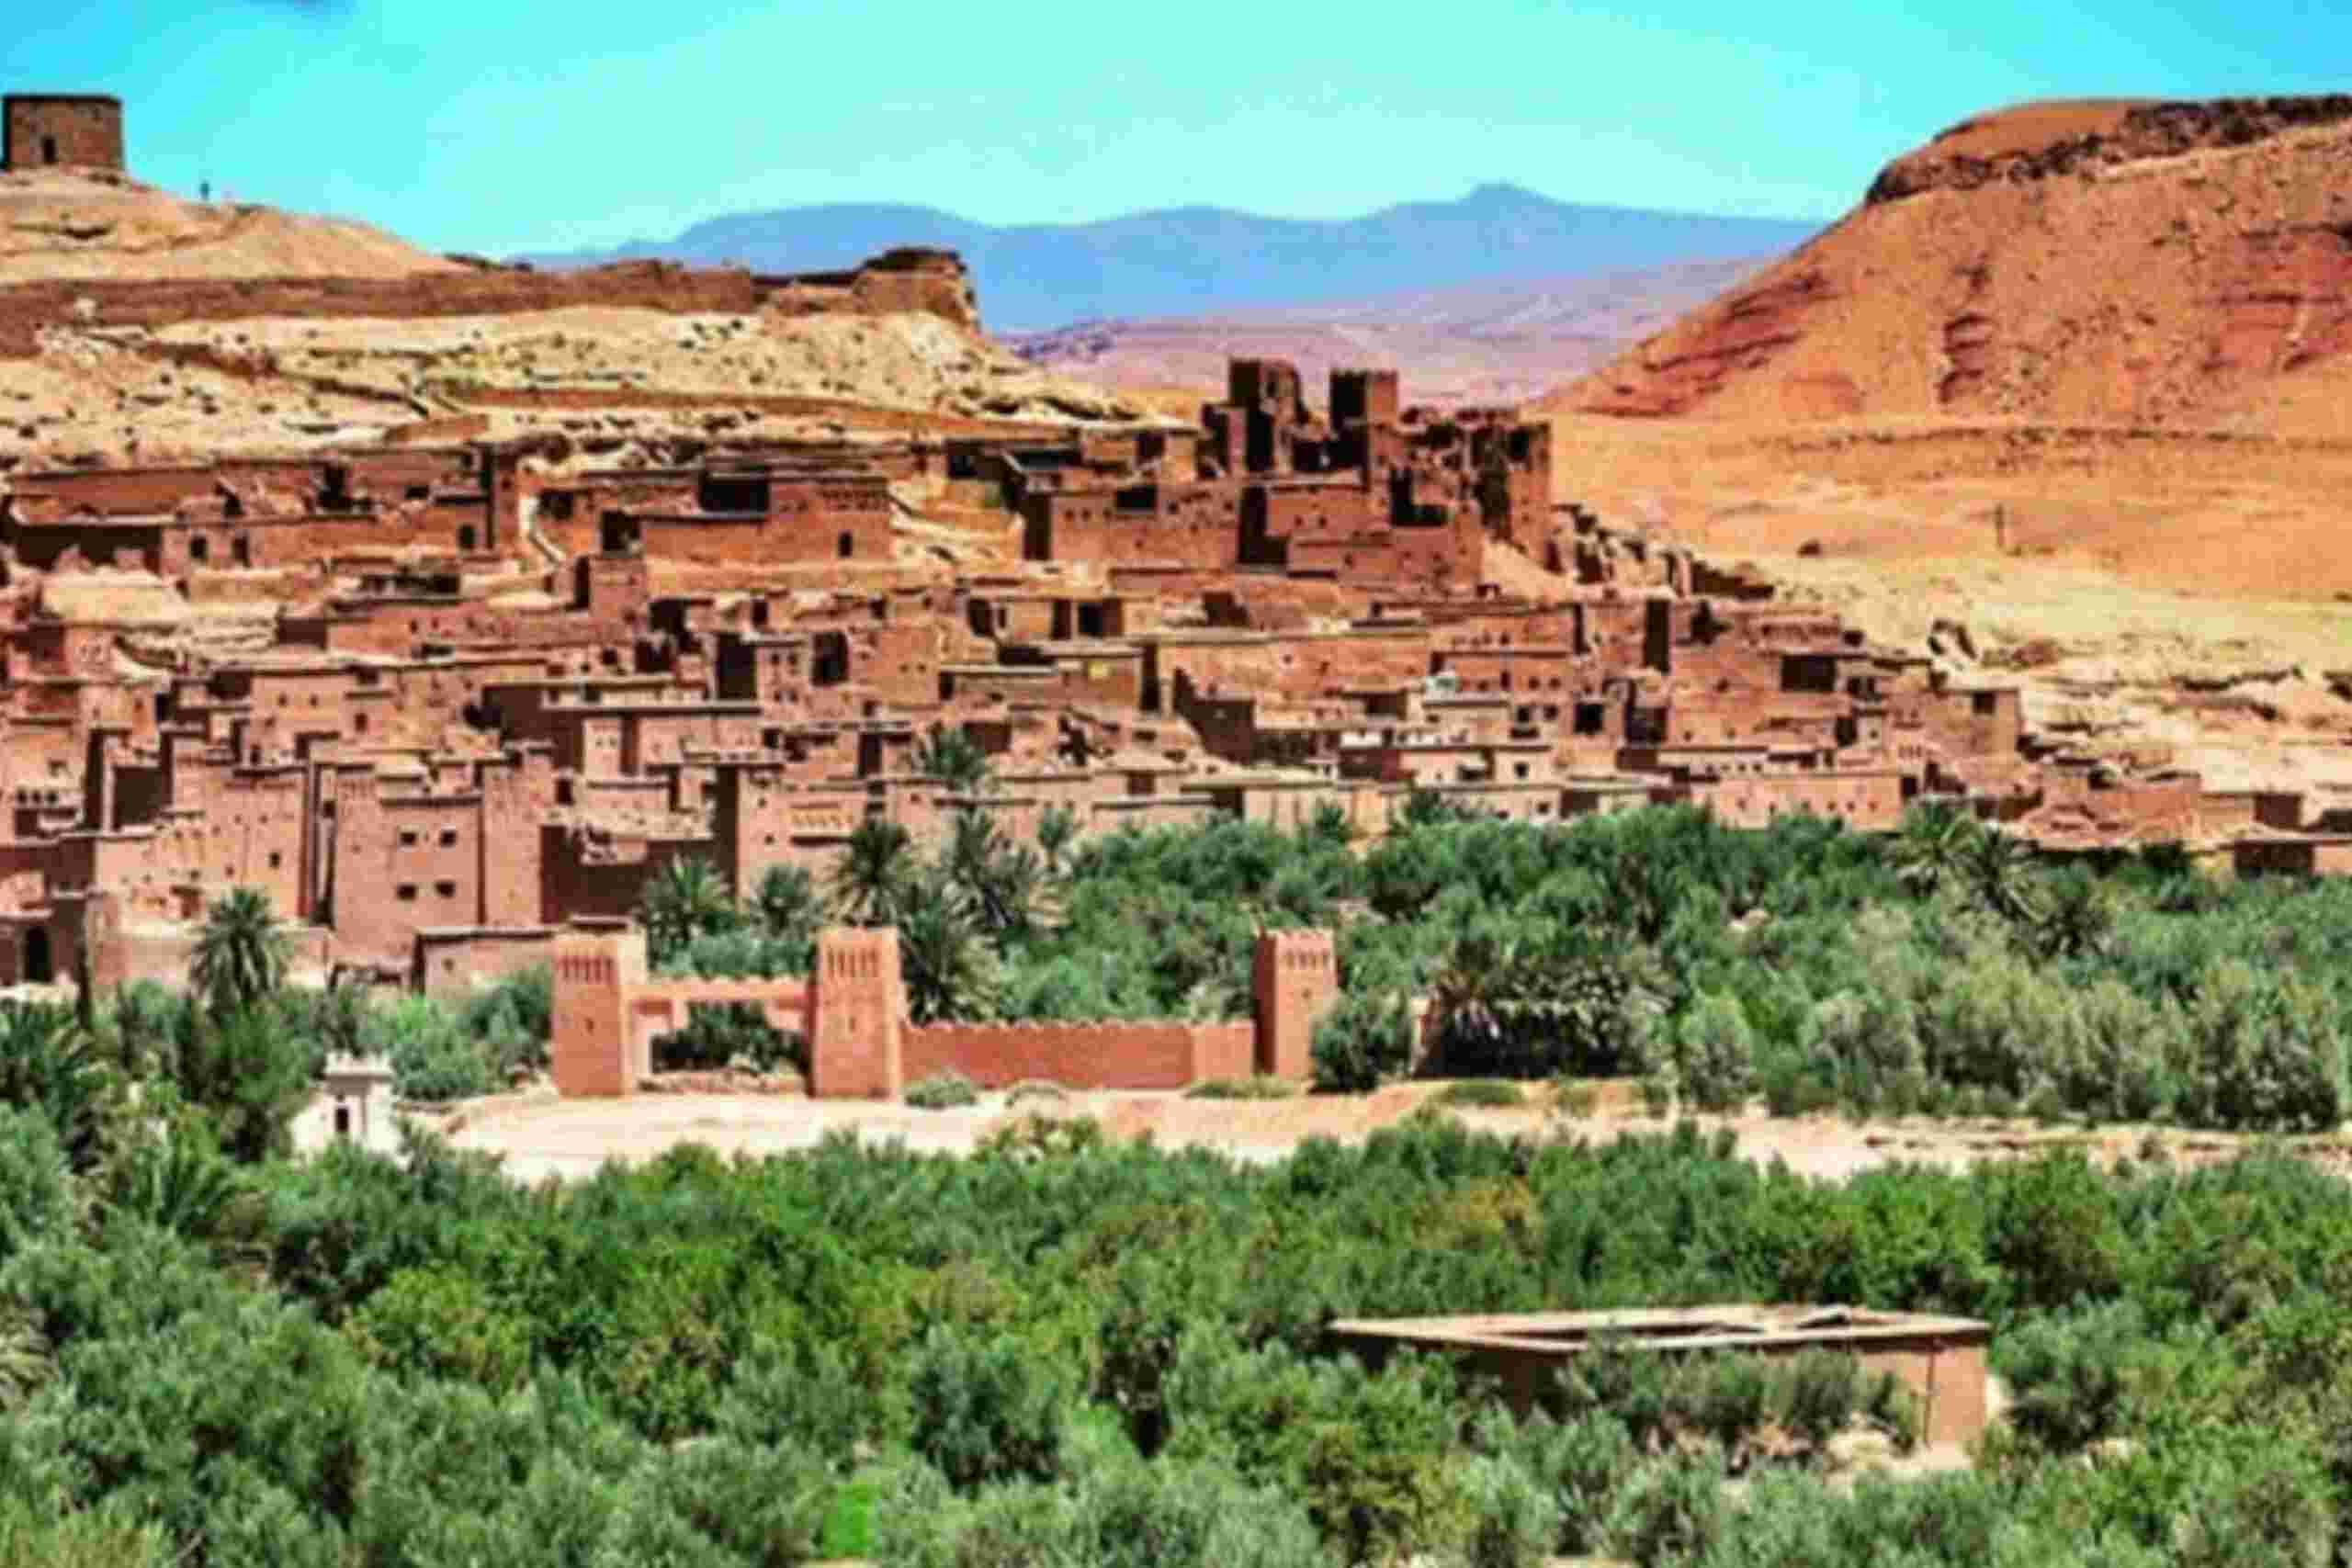 Viaggio Di 5 Giorni in Marocco